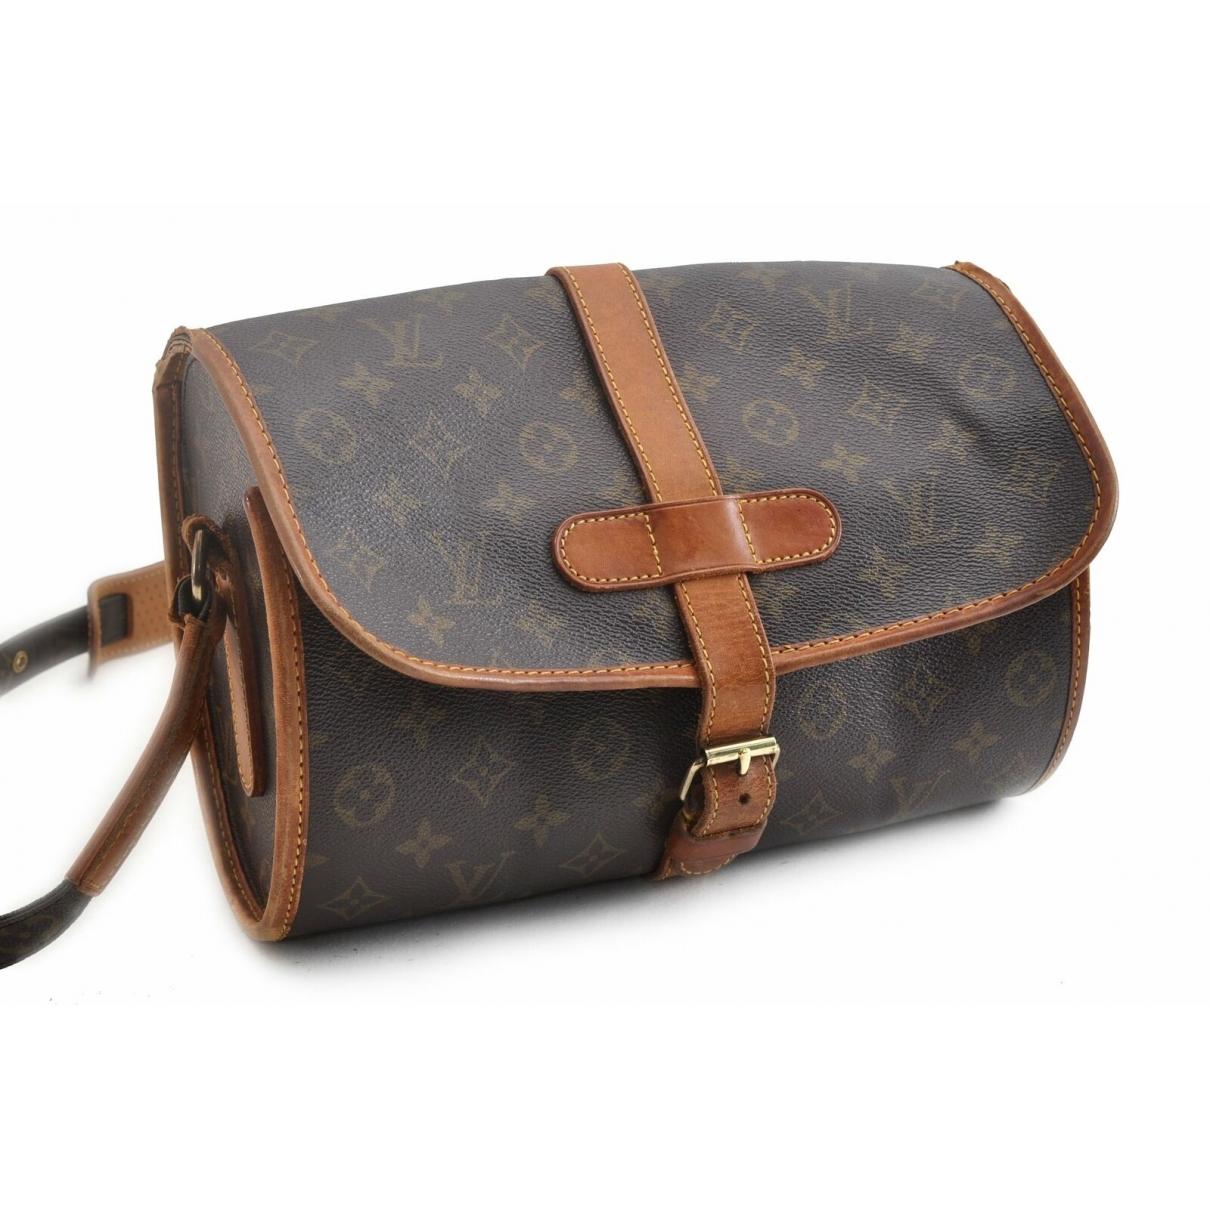 Louis Vuitton - Sac a main Marne pour femme en toile - marron